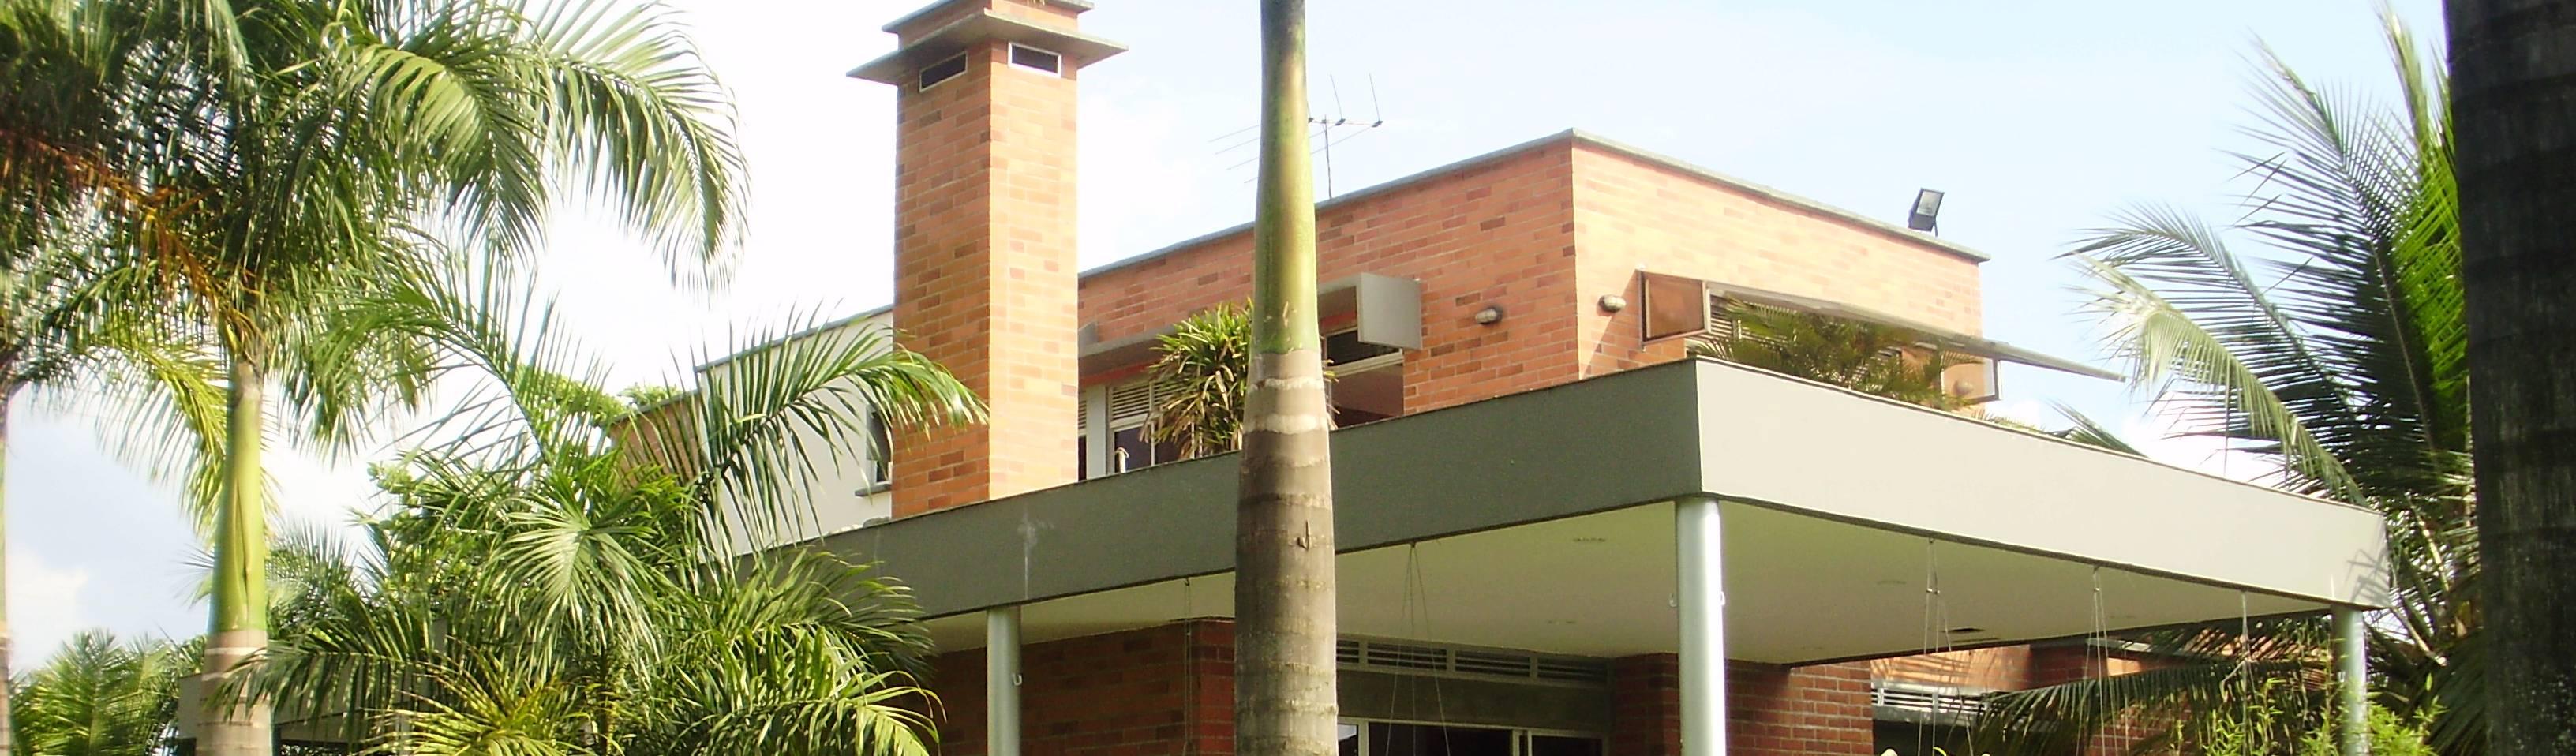 DESIGNIO Arquitectura + Objetos